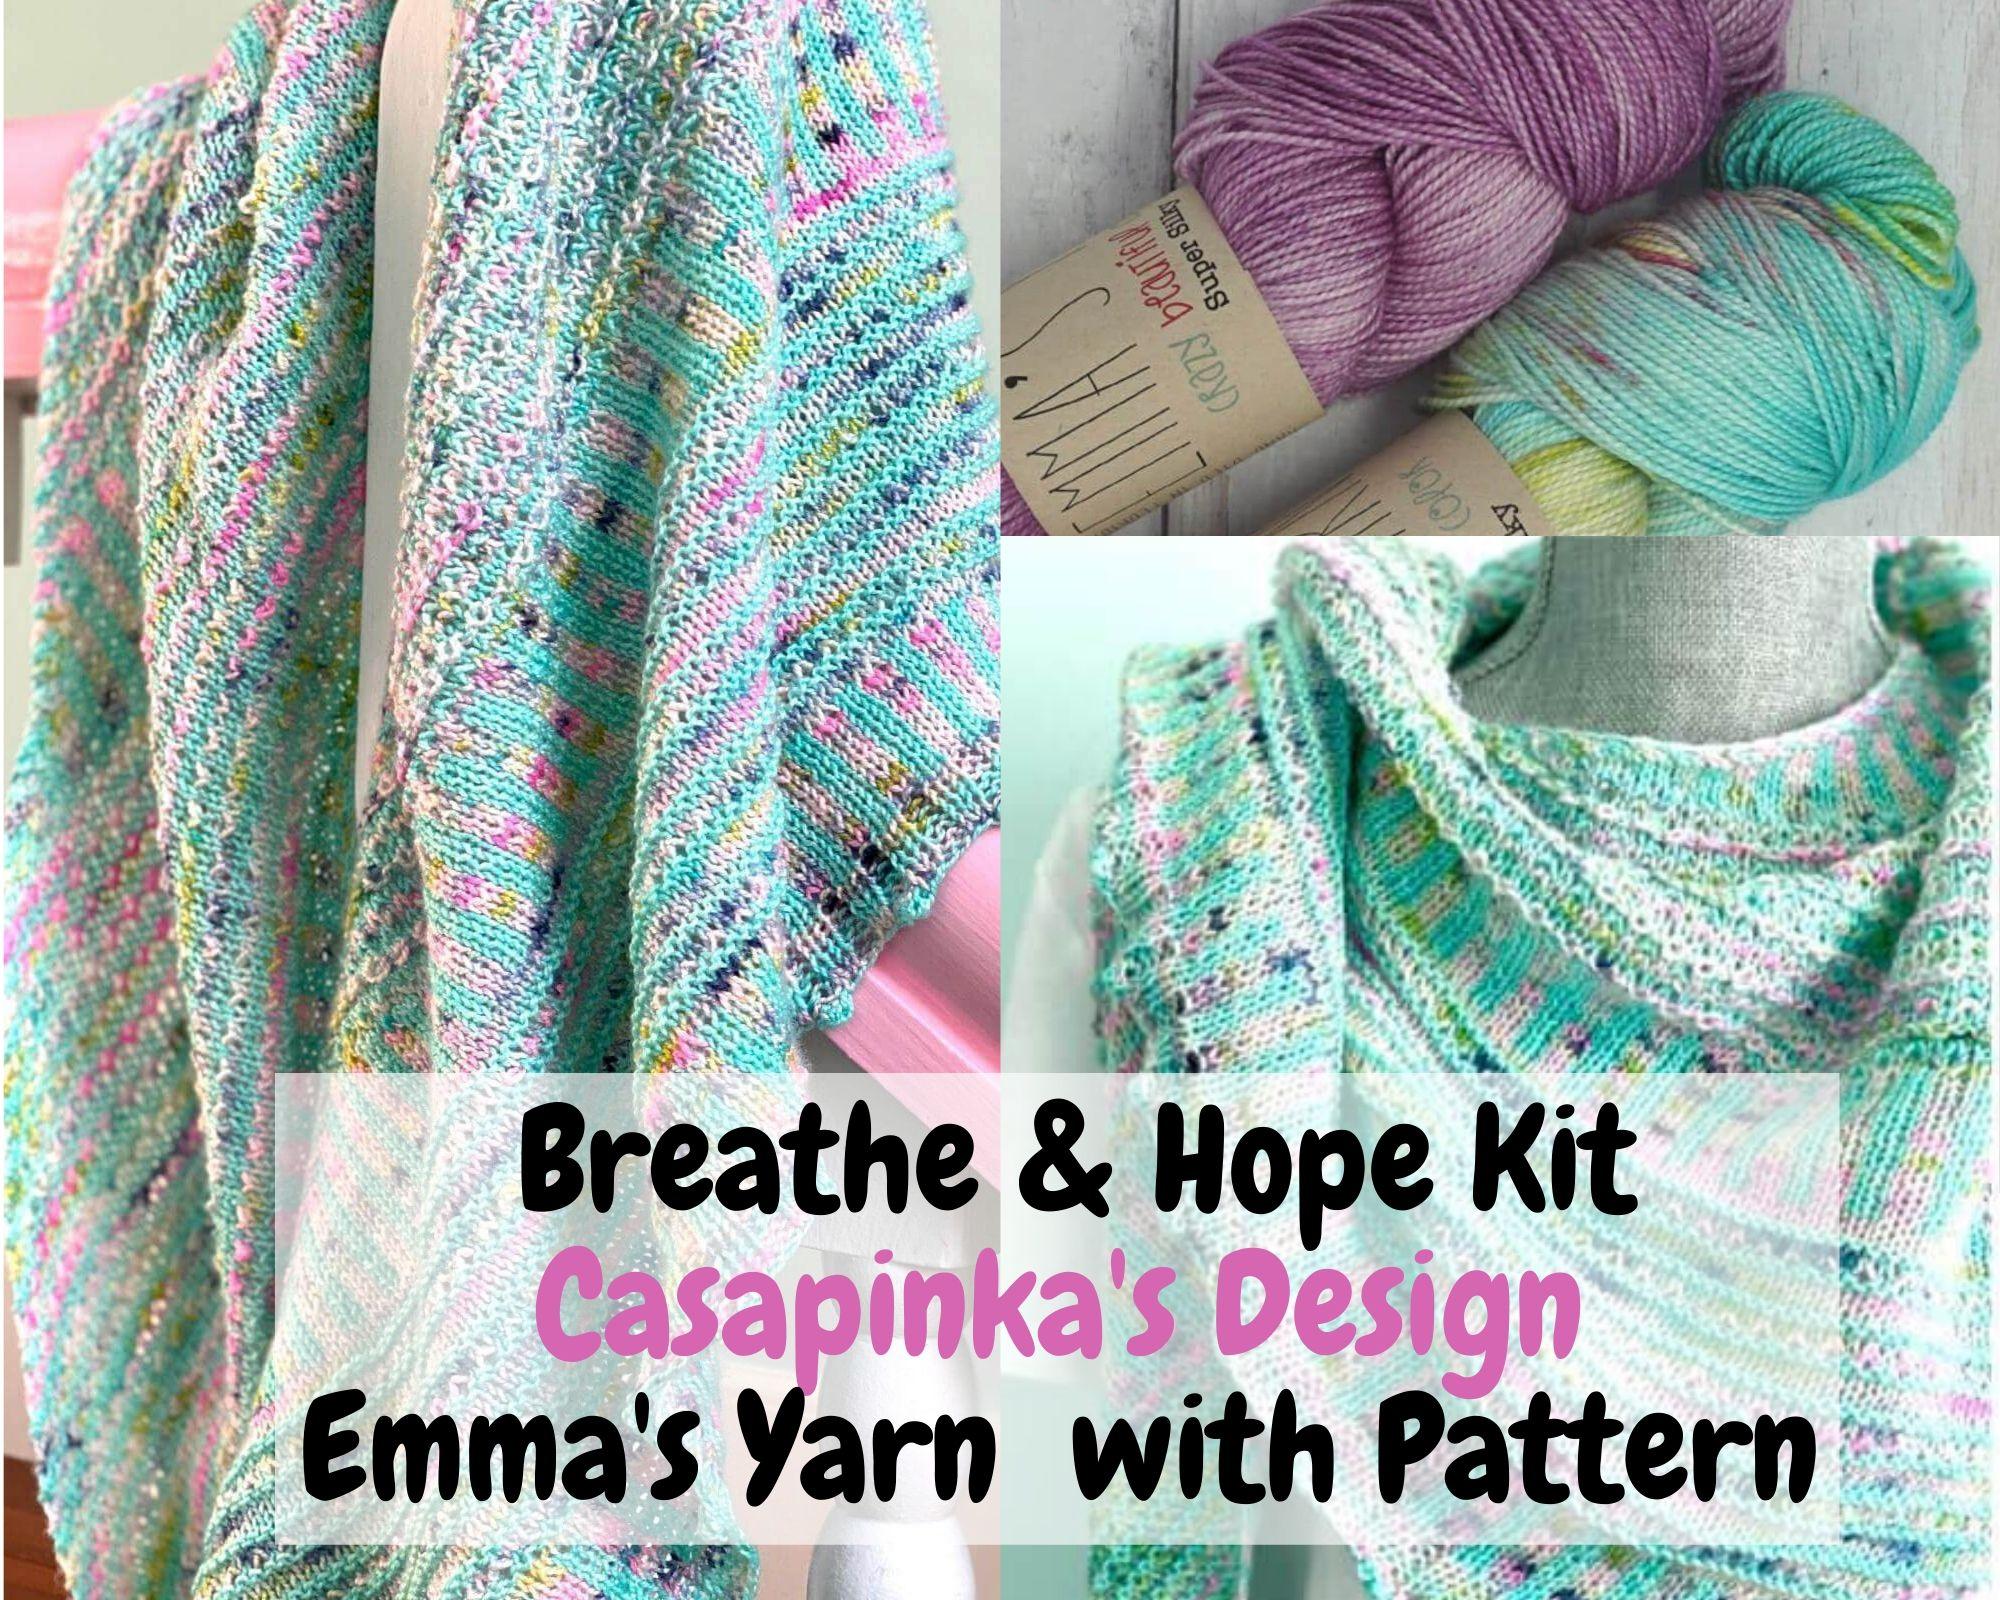 Breath & Hope Shawn Knitting Kit